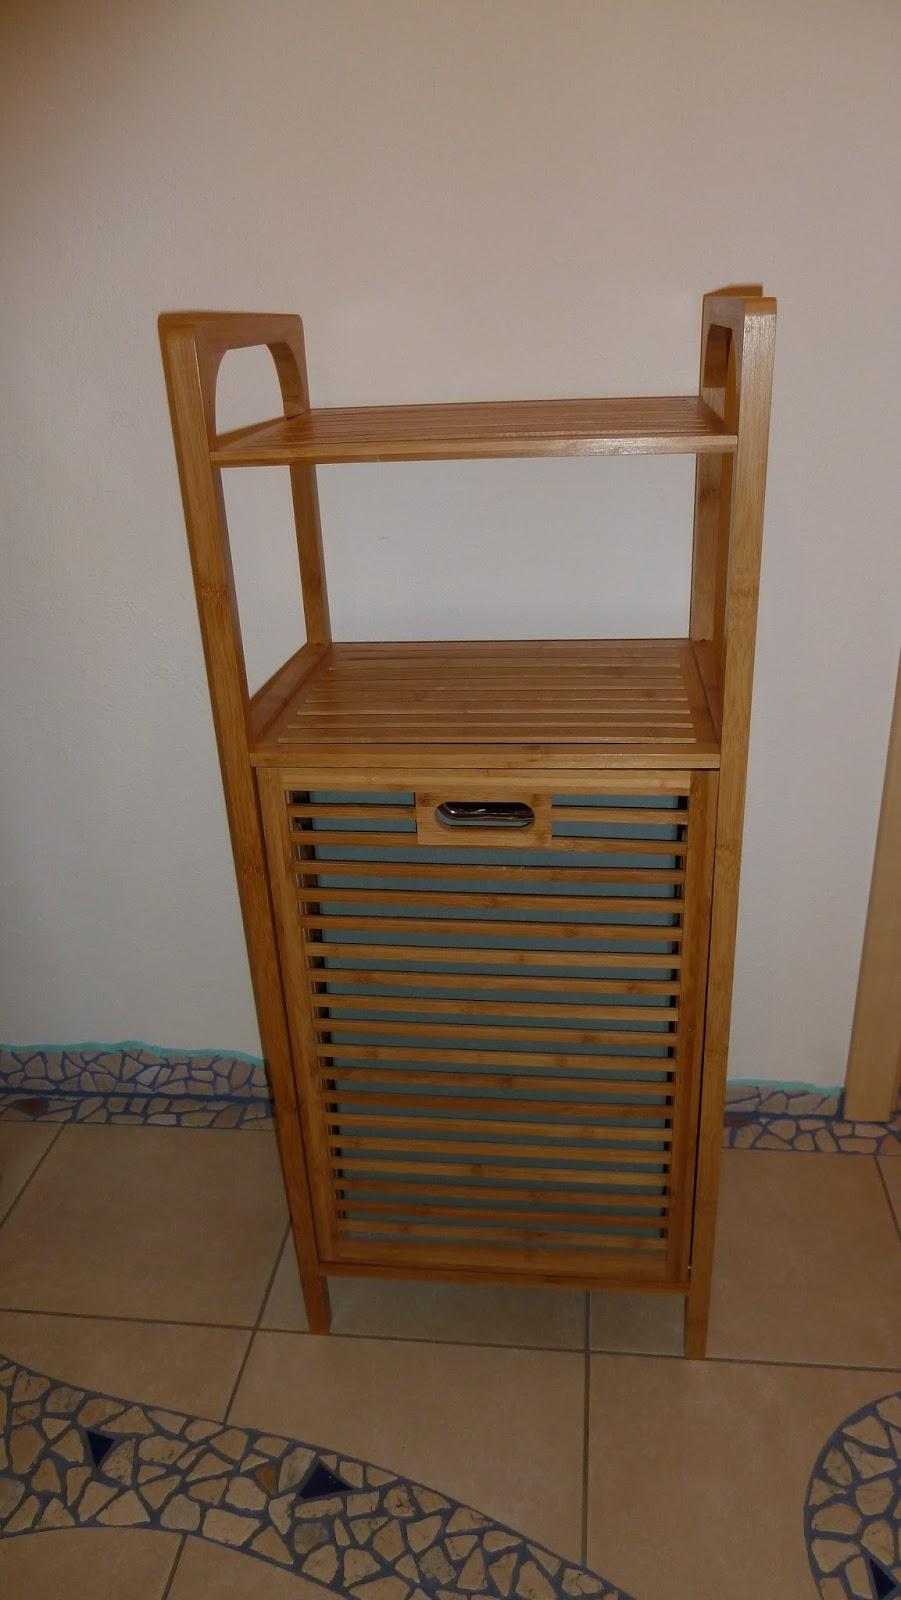 Produkttest: Relaxdays Badregal mit Wäschekorb aus Bambus HBT 95 x ...